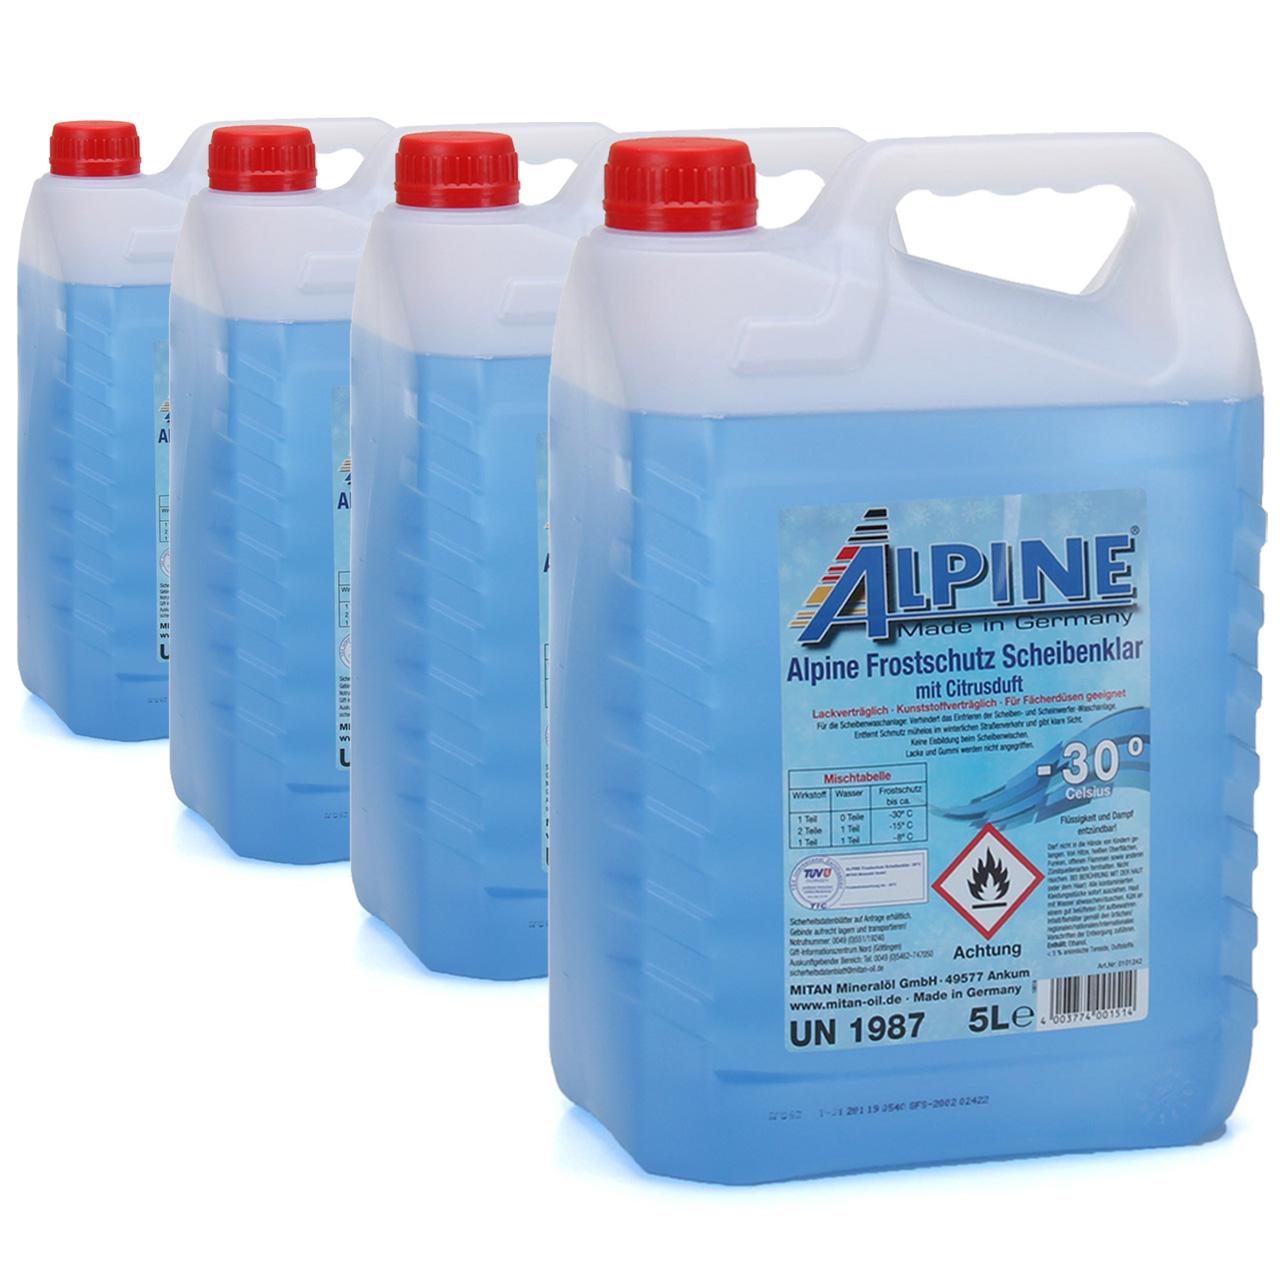 ALPINE Frostschutz SCHEIBENKLAR Scheibenfrostschutz Gebrauchsfertig -30°C 20 L